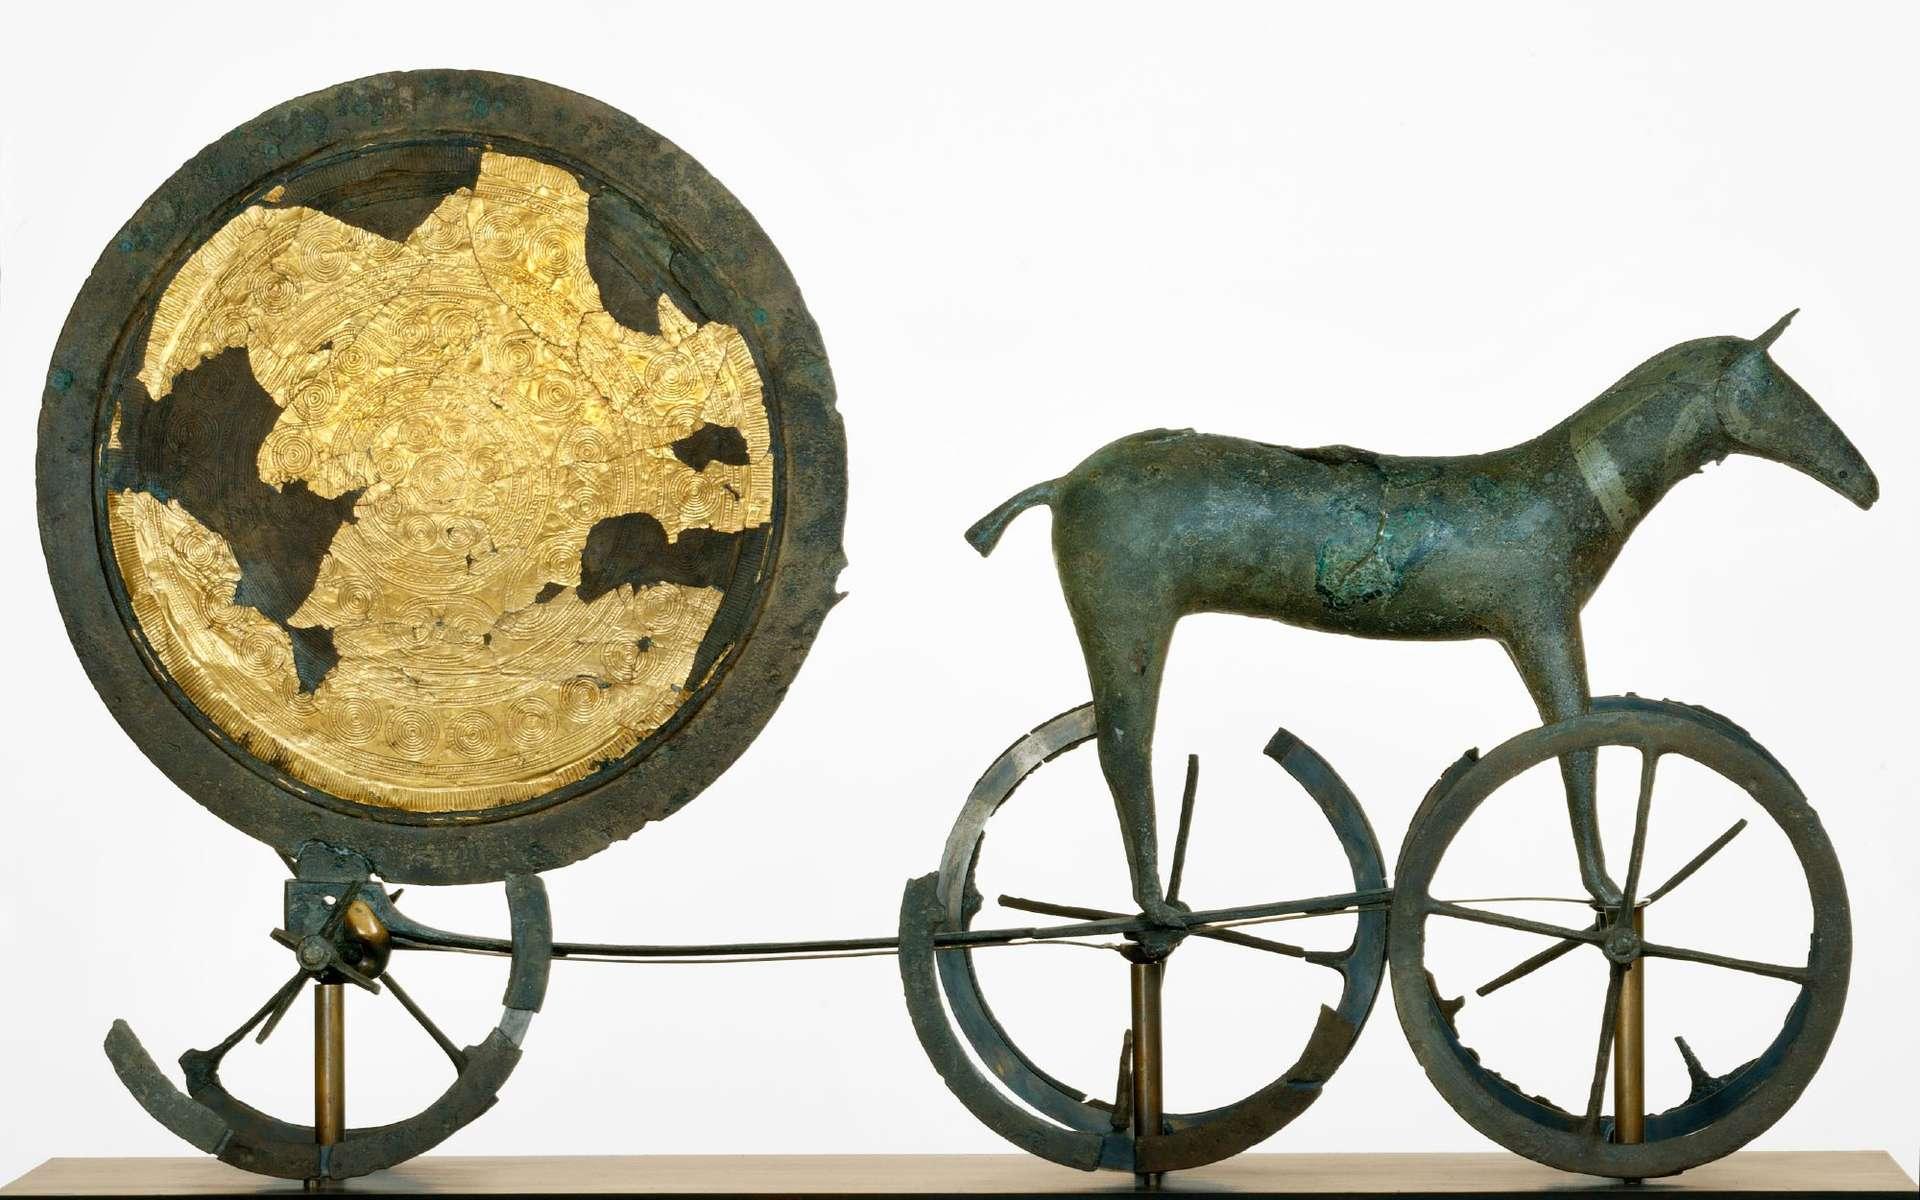 Le char solaire de Trundholm est un célèbre objet de bronze daté du premier âge du bronze, soit aux alentours de 1400 av. J.-C. © Nationalmuseet, John Lee, Wikipédia, CC by-sa 2.5